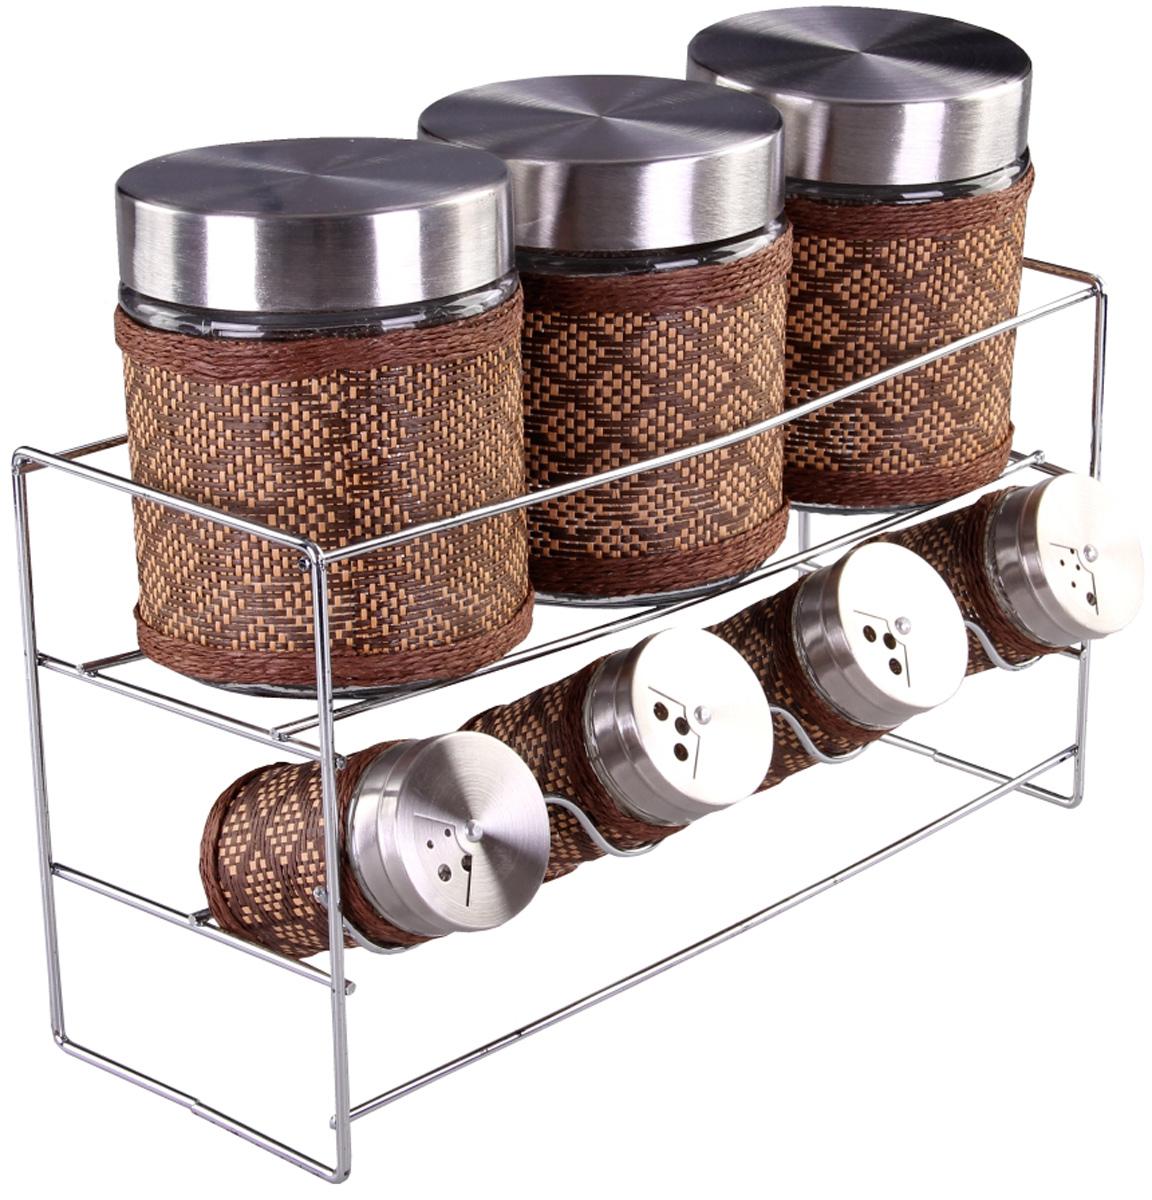 Набор банок для сыпучих продуктов и специй Patricia, с подставкой, 8 предметов. IM99-3922VT-1520(SR)Набор Patricia состоит из 4 банок для специй и 3 для сыпучих продуктов. Банки выполнены из высококачественного стекла и декорированы оригинальной вставкой. Крышки, выполненные из металла, плотно закрываются и предотвращают высыпание специй. Имеются регулируемые отверстия, с помощью которых можно обильно или слегка приправить блюдо. Баночки идеально подойдут для соли, перца и других специй. Изделия размещаются на специальной подставке. Оригинальный набор эффектно украсит интерьер кухни, а также станет незаменимым помощником в приготовлении ваших любимых блюд. С таким набором специи надолго сохранят свежесть, аромат и пряный вкус. Не рекомендуется мыть в посудомоечной машине и использовать в микроволновой печи. Высота баночек (с учетом крышек): 8,5 см, 12,5 см. Диаметр баночек: 3,5 см, 8 см. Размер подставки: 32 х 11 х 17 см.